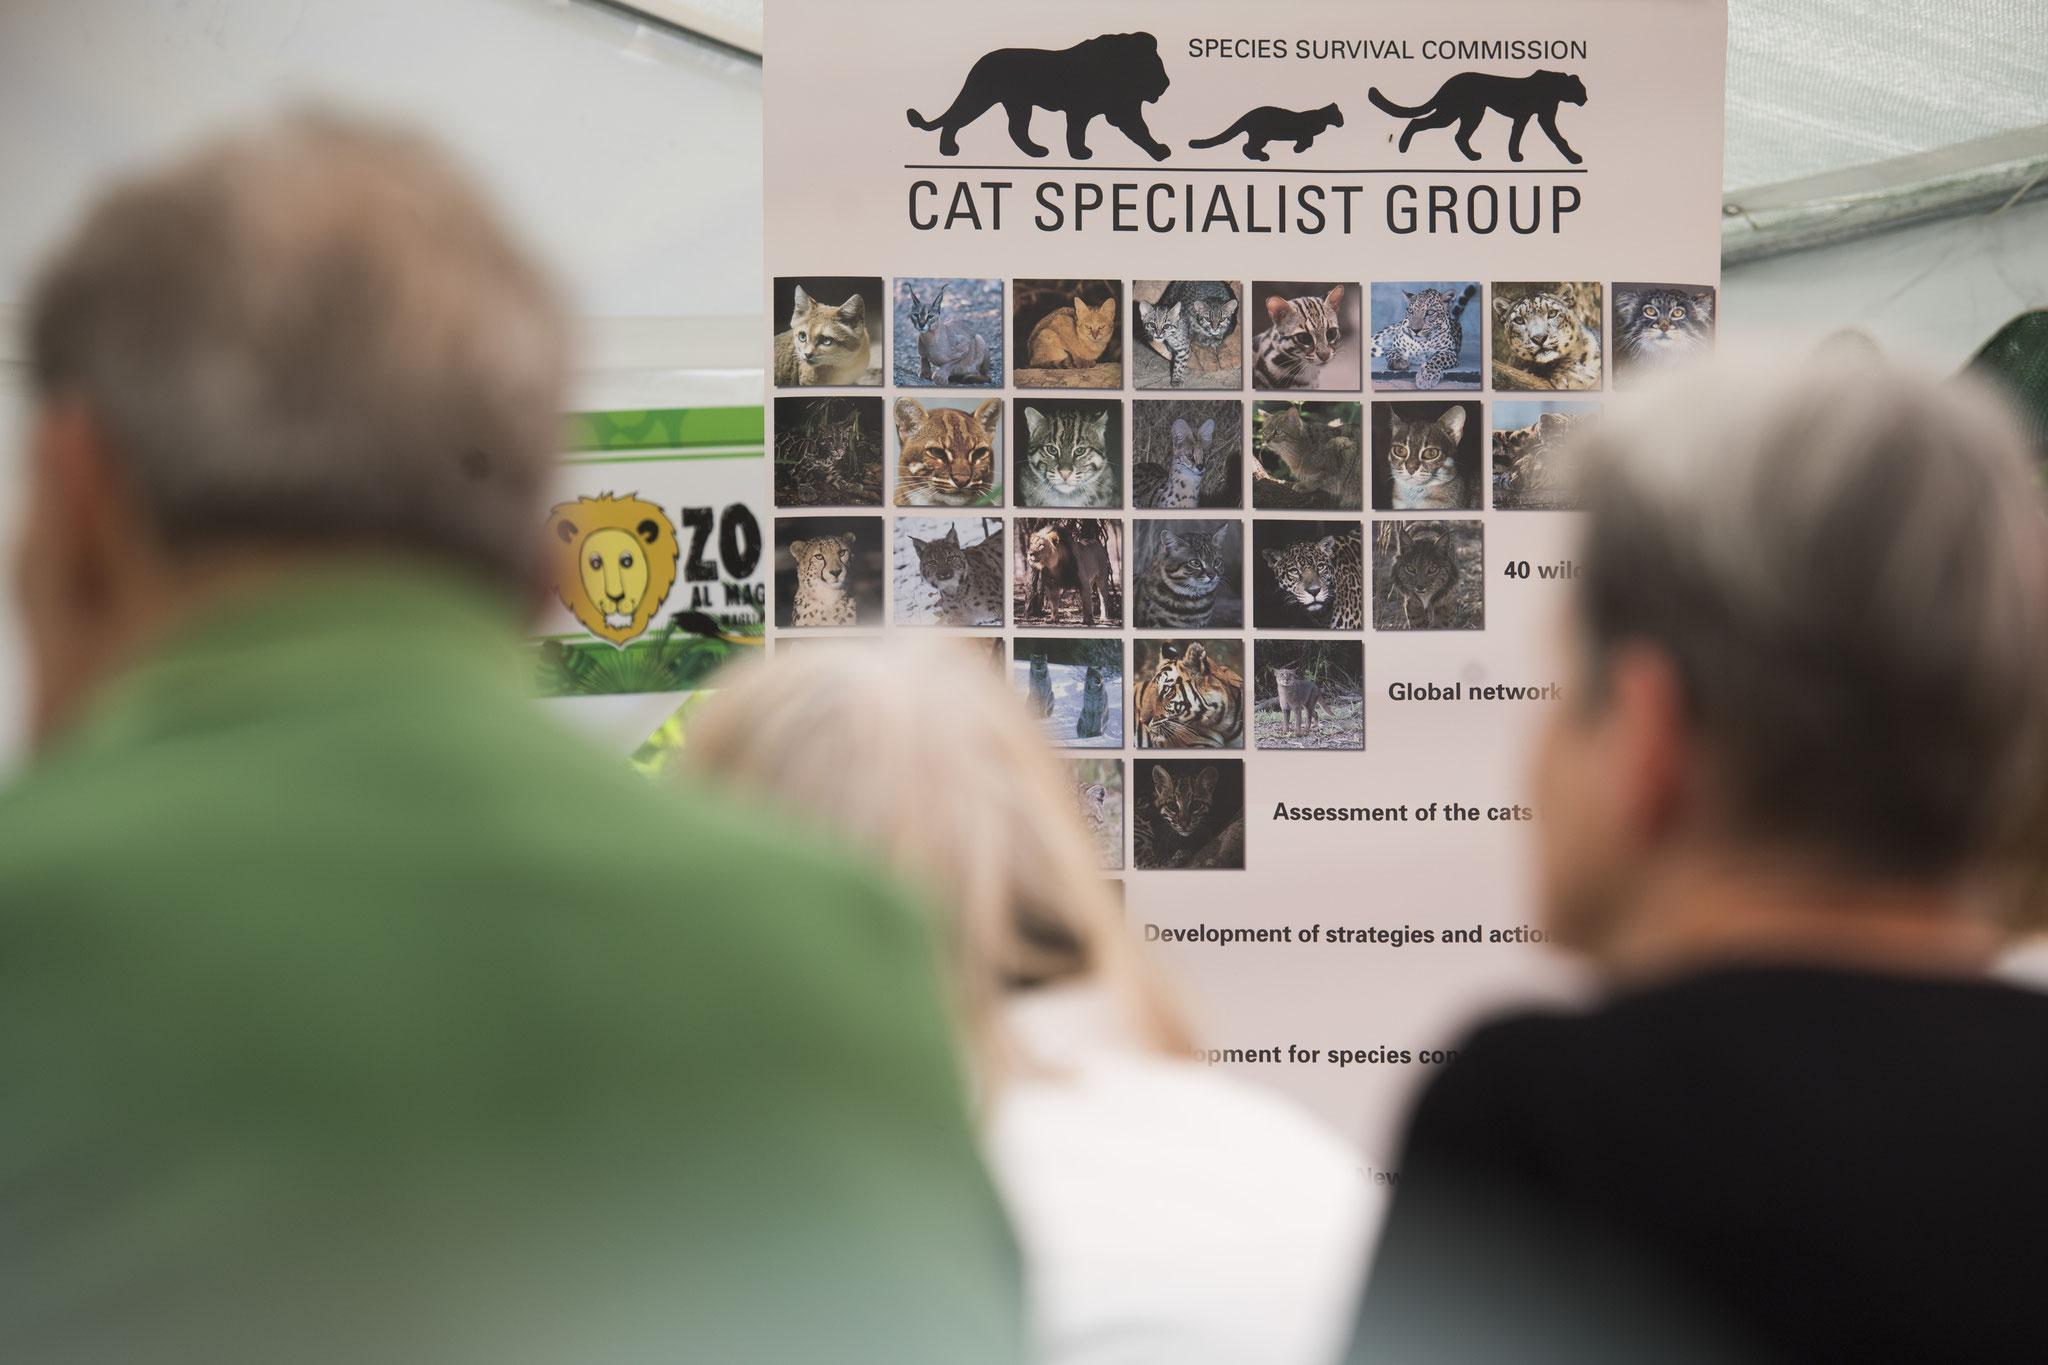 La presentazione della Fondazione Kora.ch